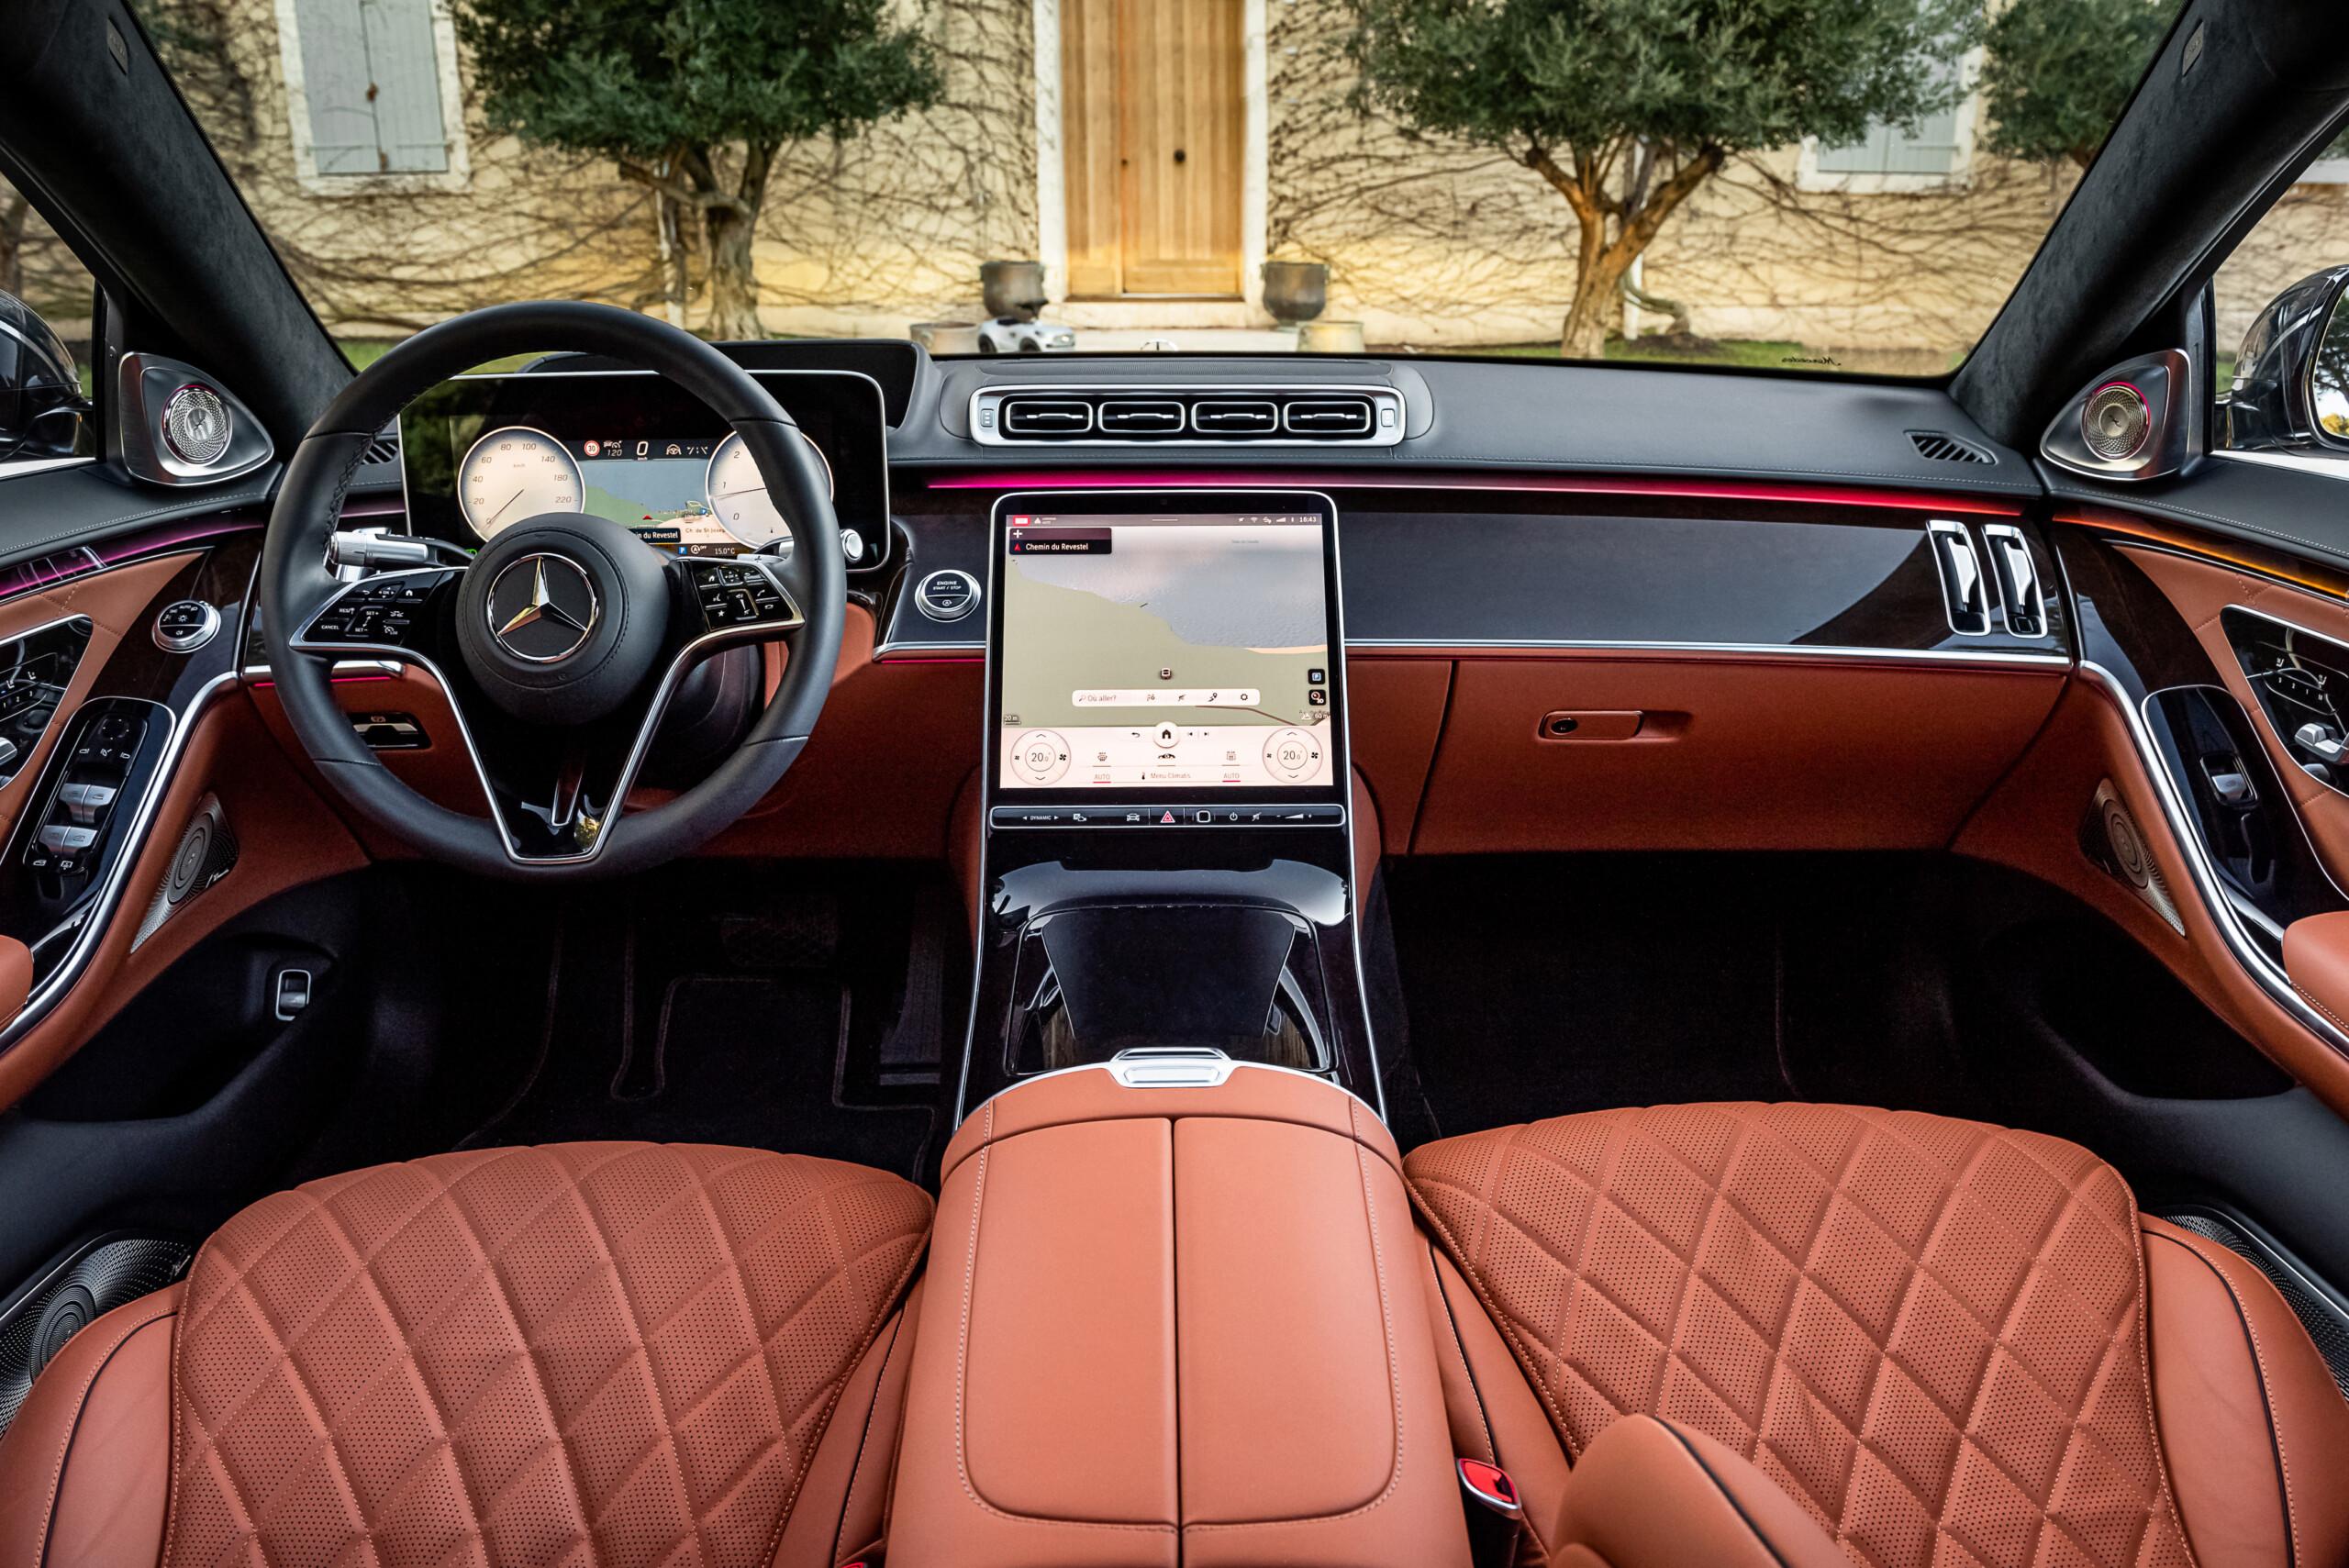 Mercedes : on a essayé les dernières technologies embarquées du constructeur - Frandroid